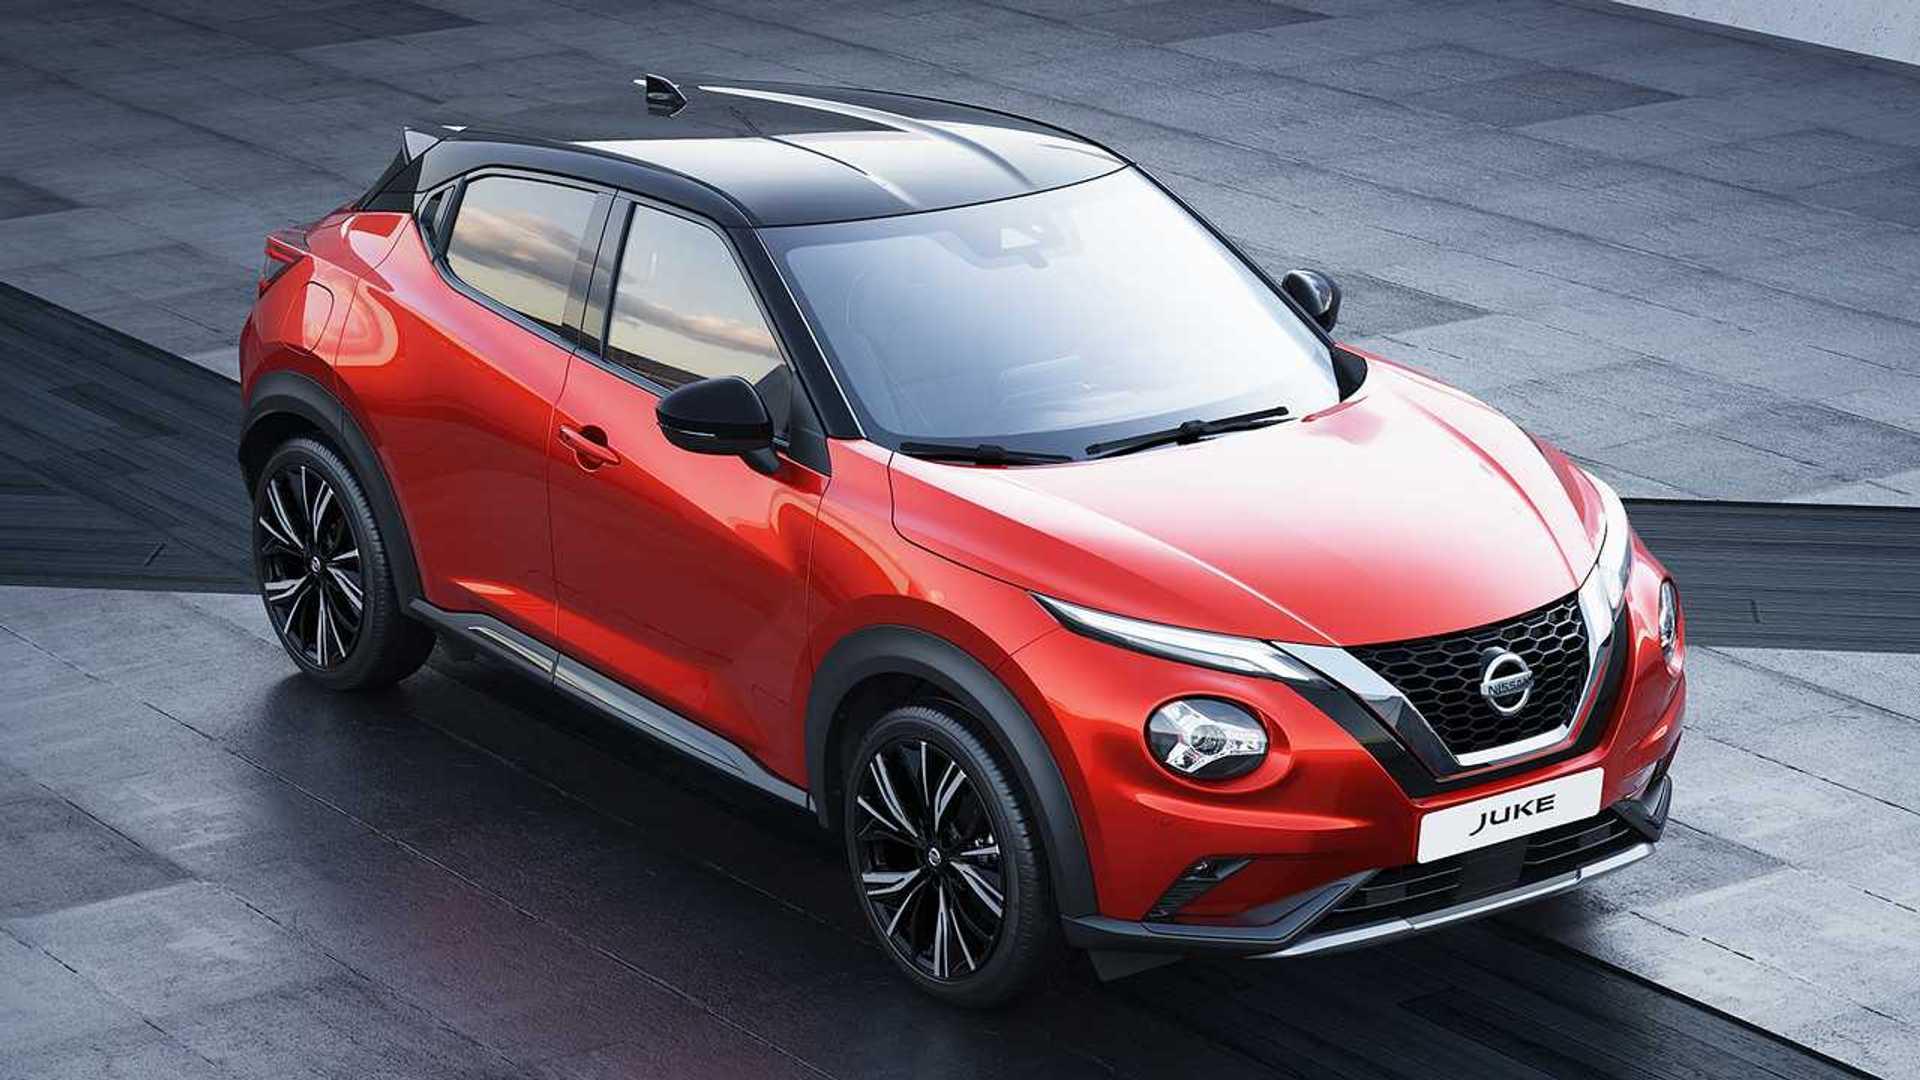 Nuova Nissan Juke, il ritorno con stile del baby crossover